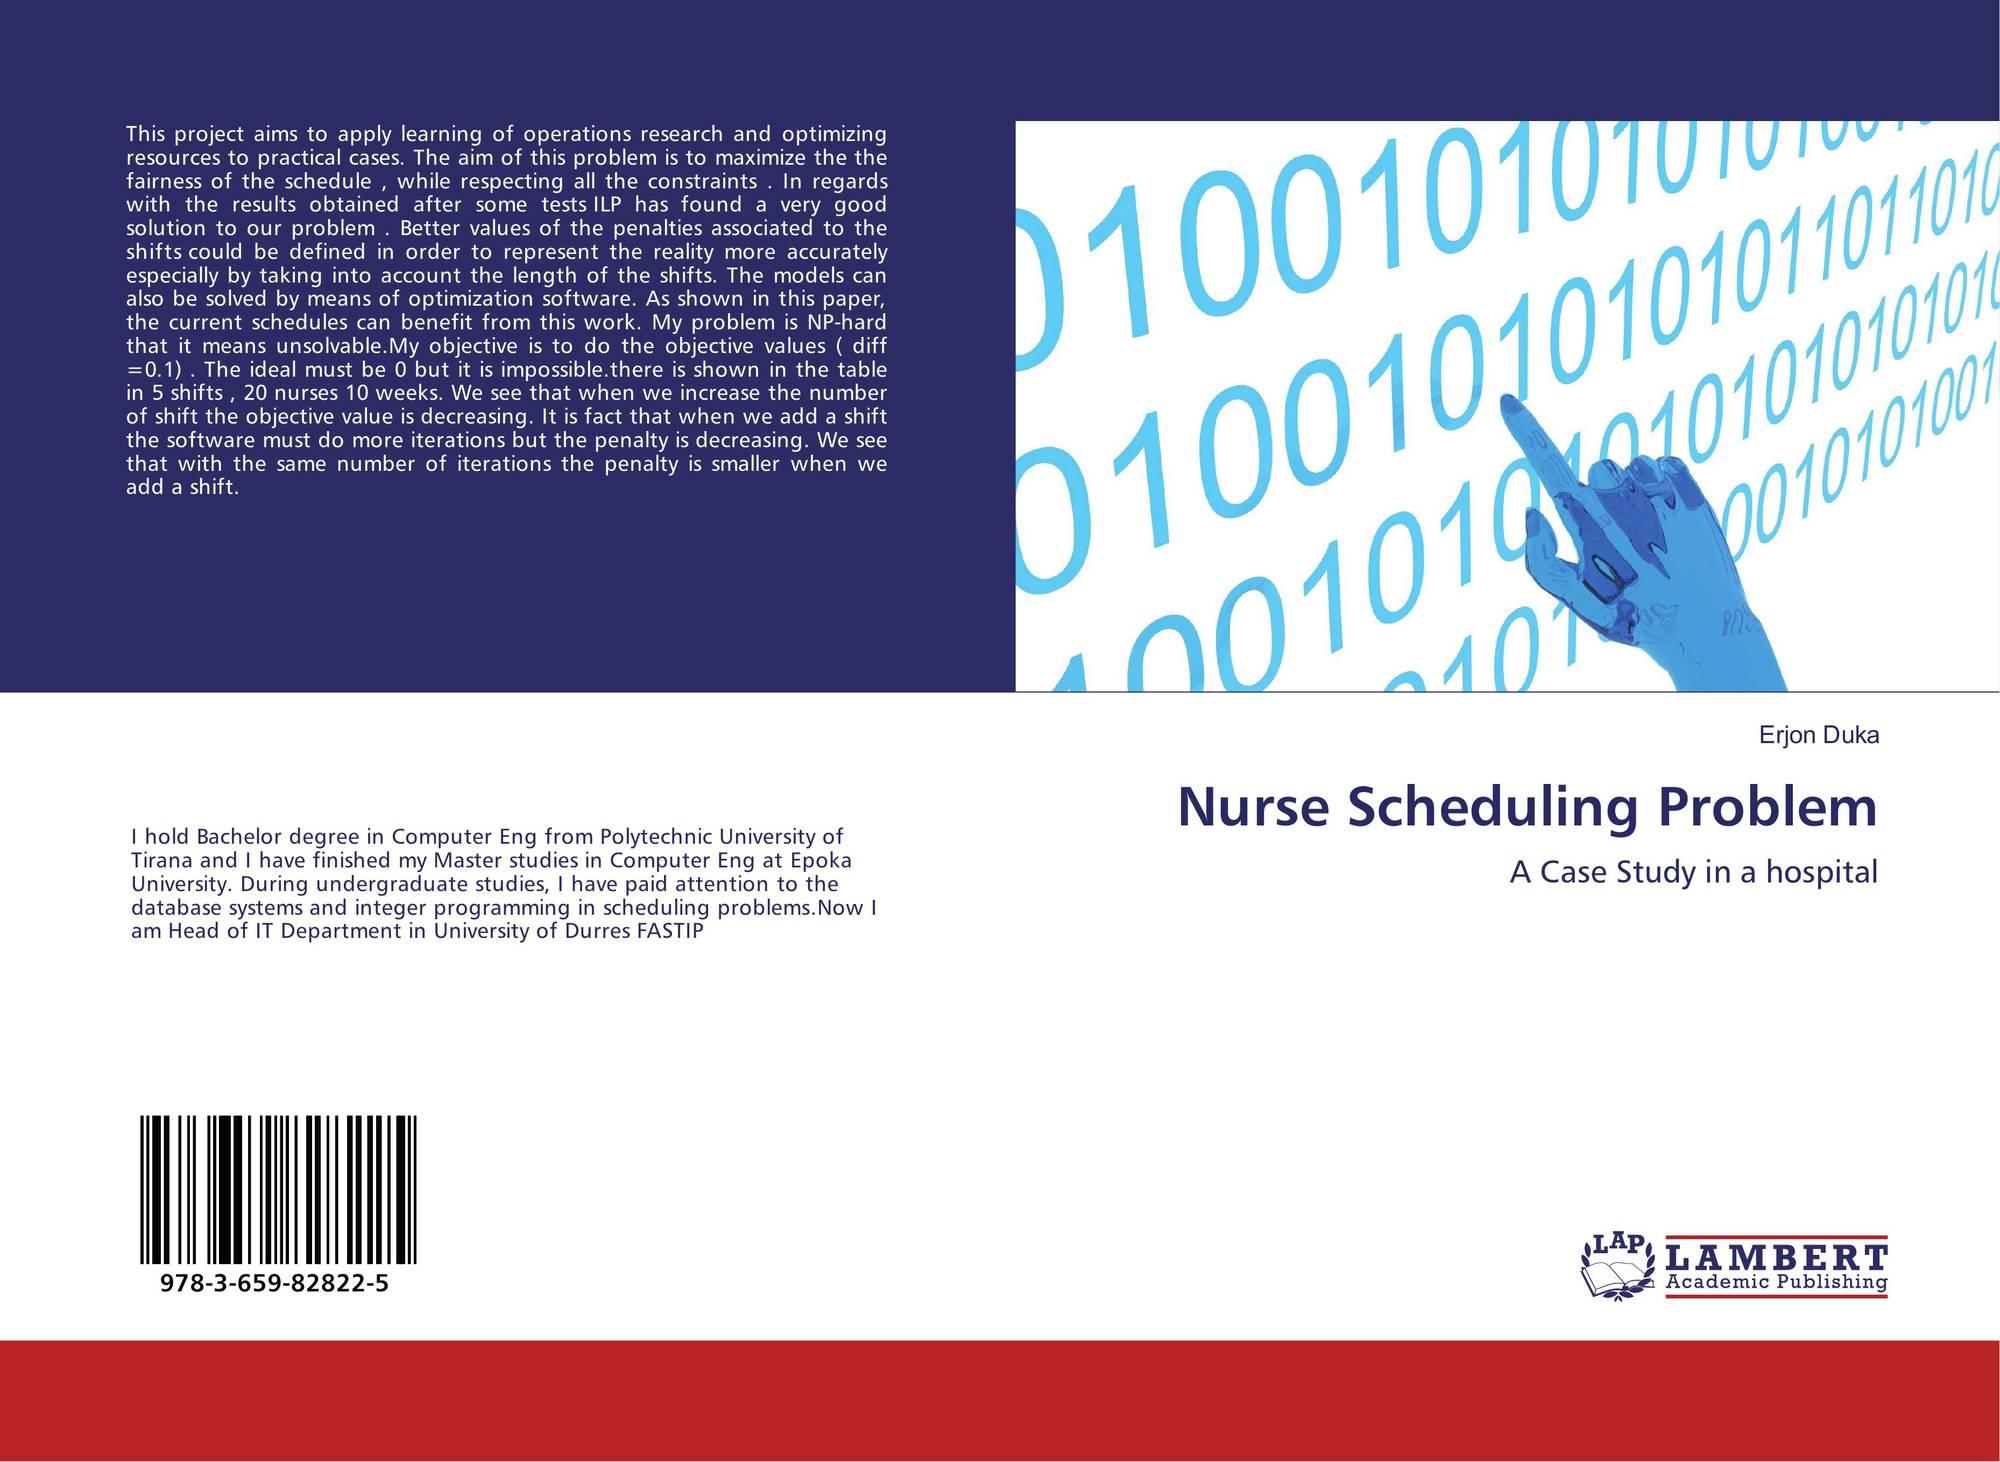 Nurse Scheduling Problem